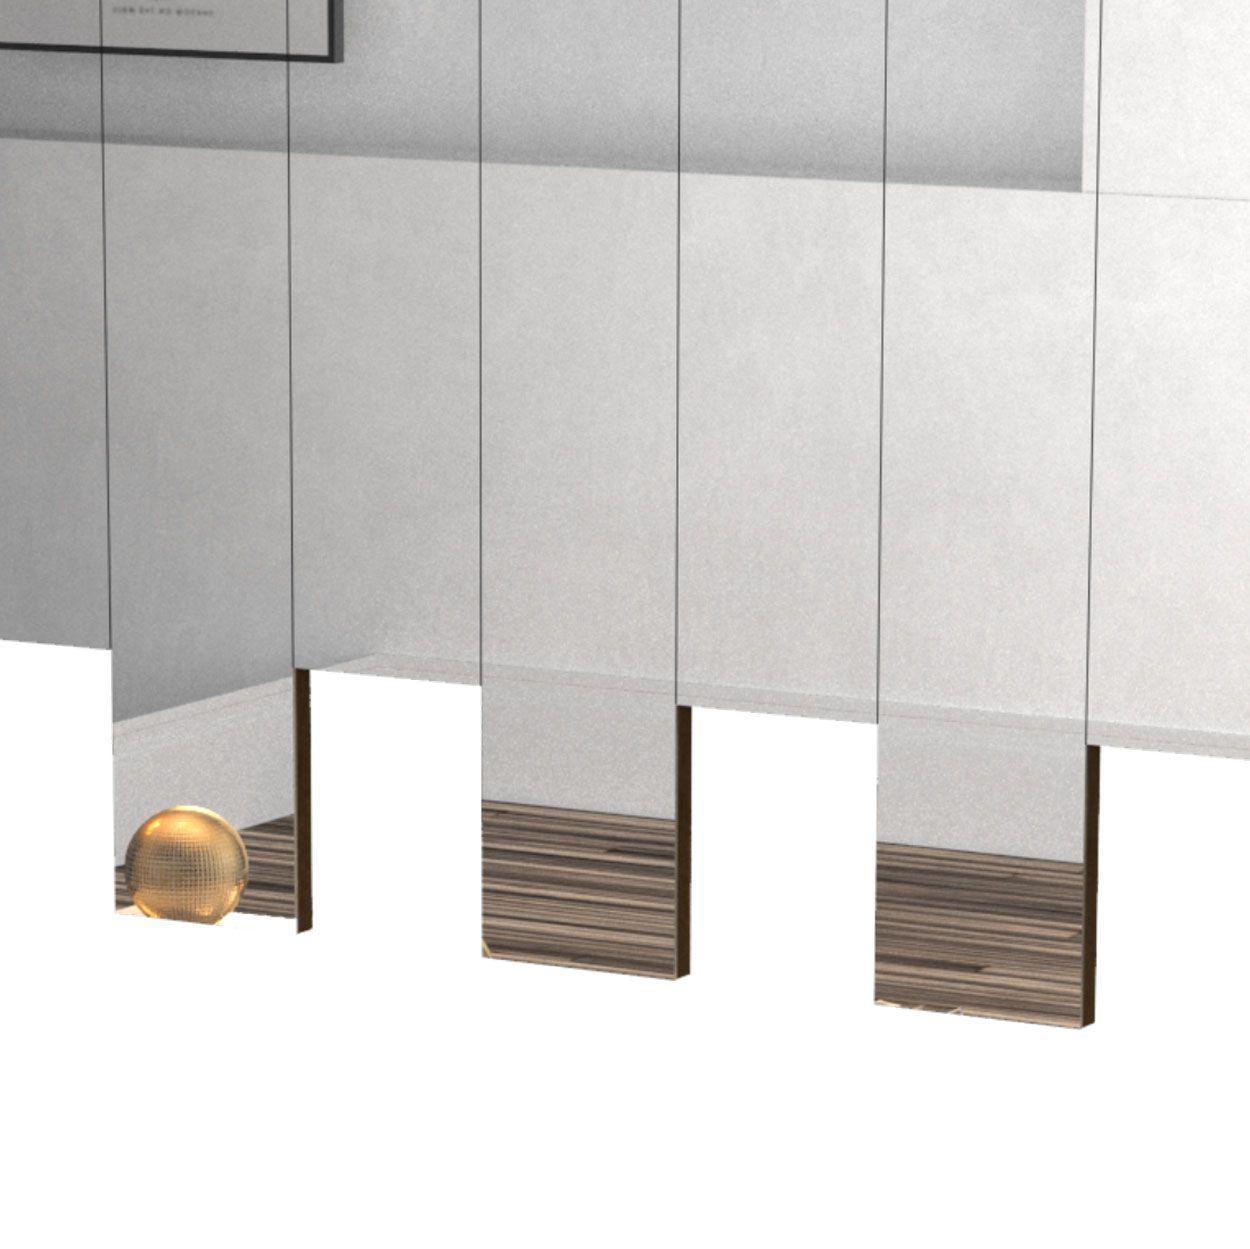 Painel Espelhado Decorativo 4055 Caramelo